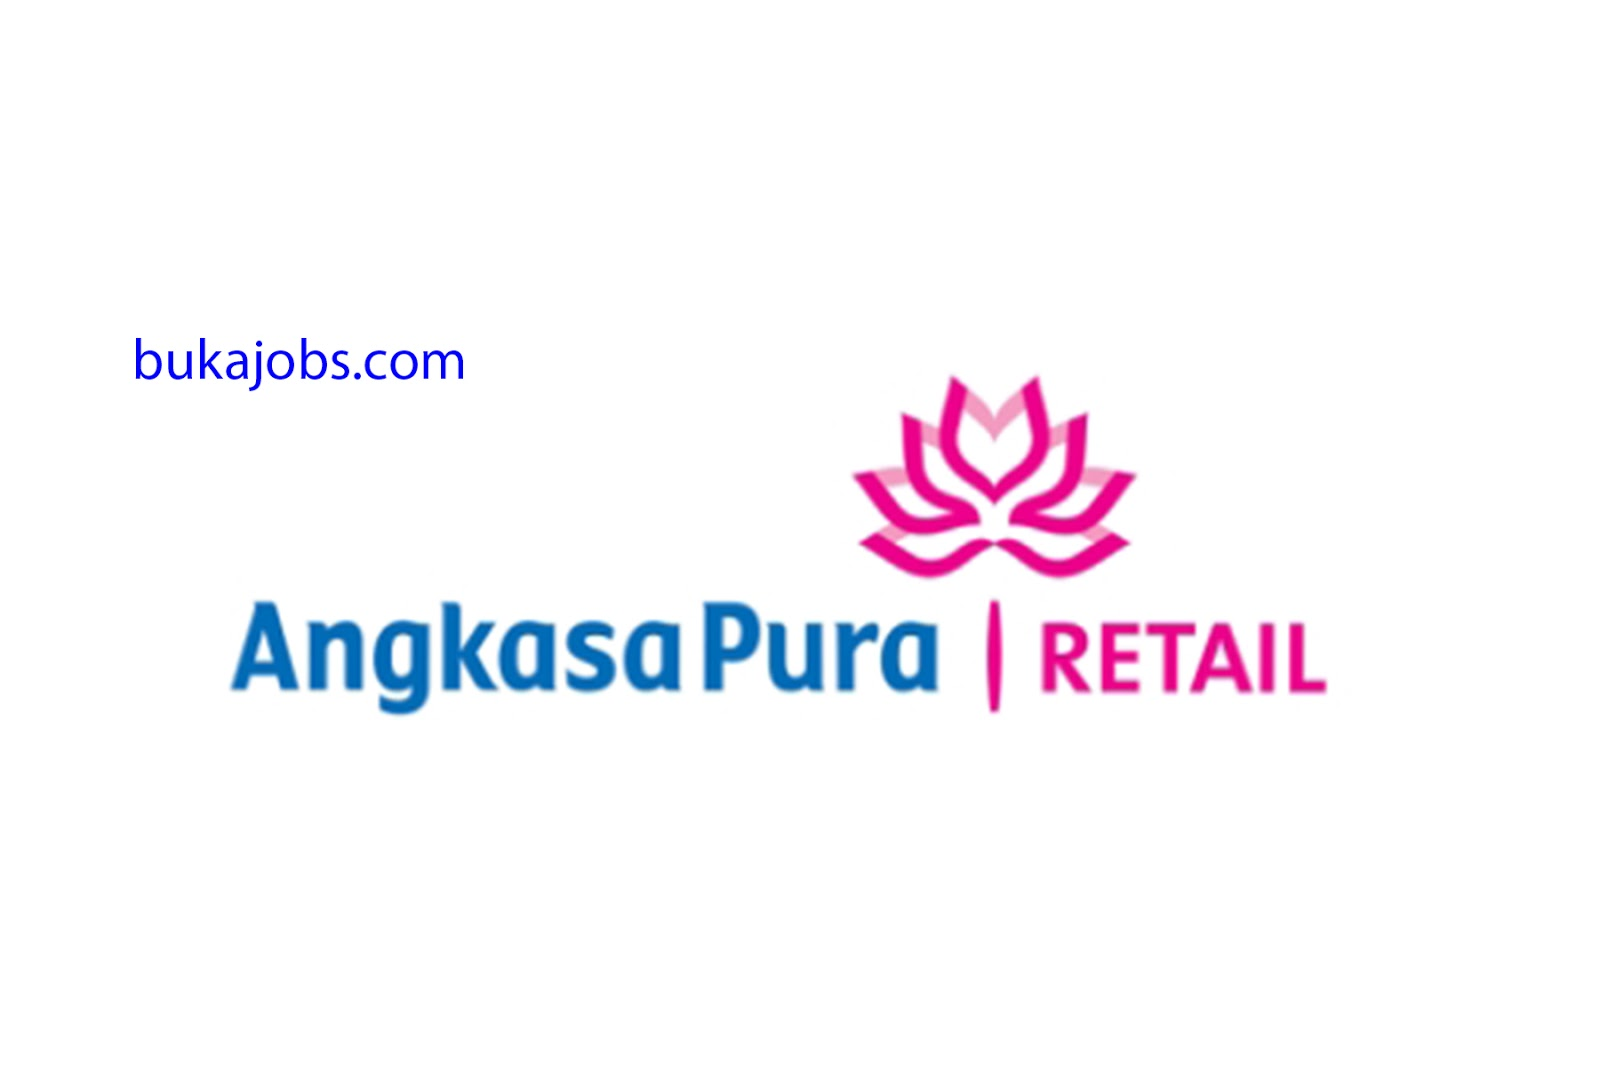 Lowongan Kerja PT Angkasa Pura Retail Indonesia 2019